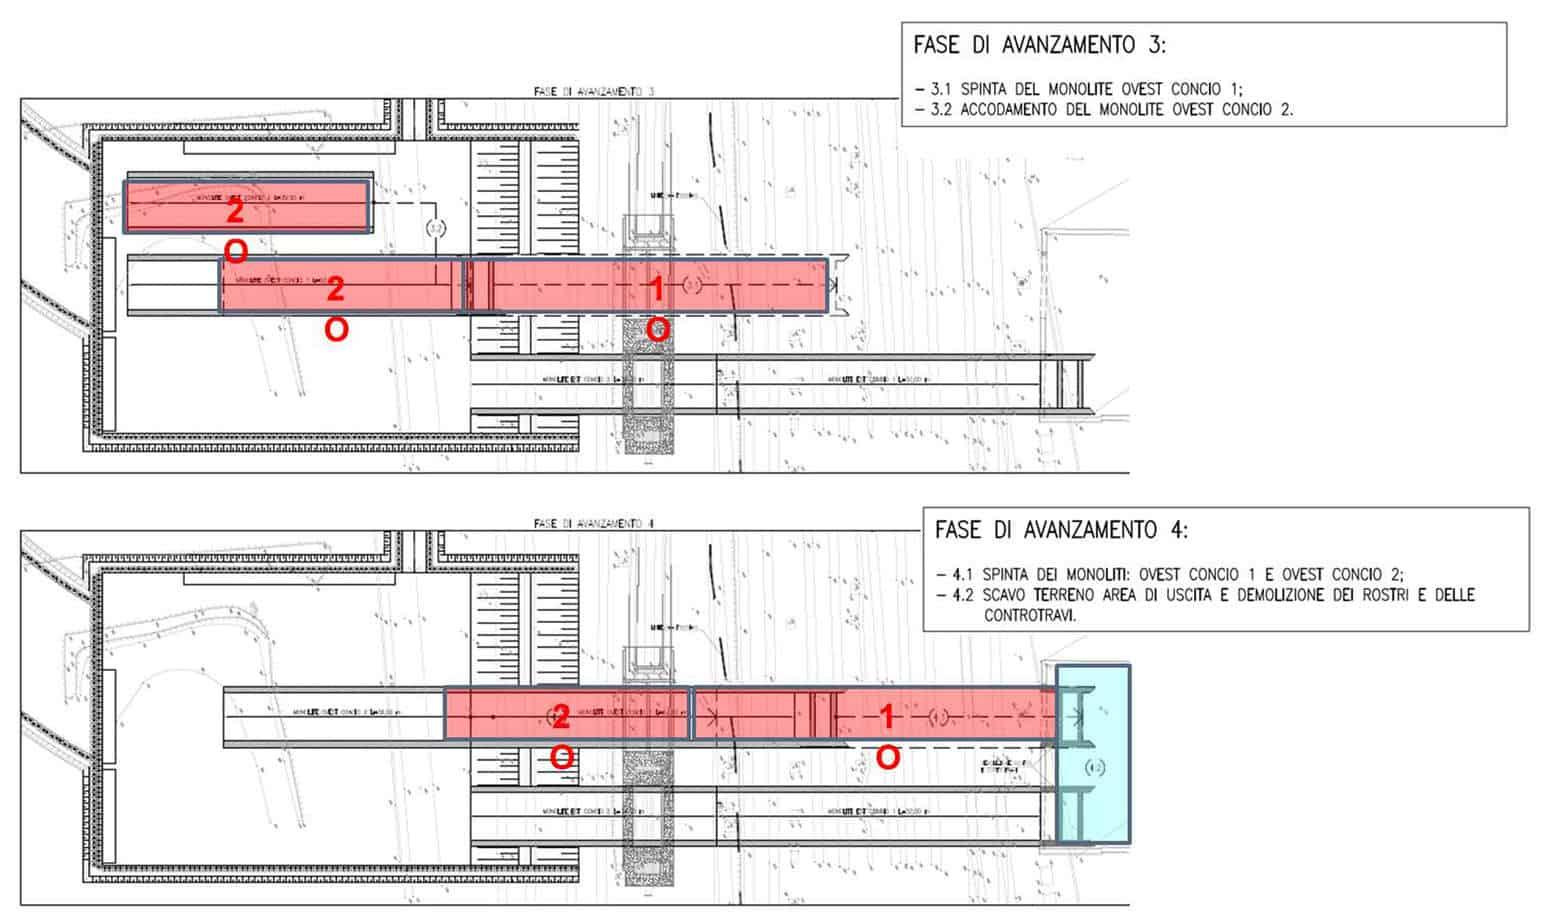 Lo spingitubo veicolare: le fase di avanzamento 3 e 4